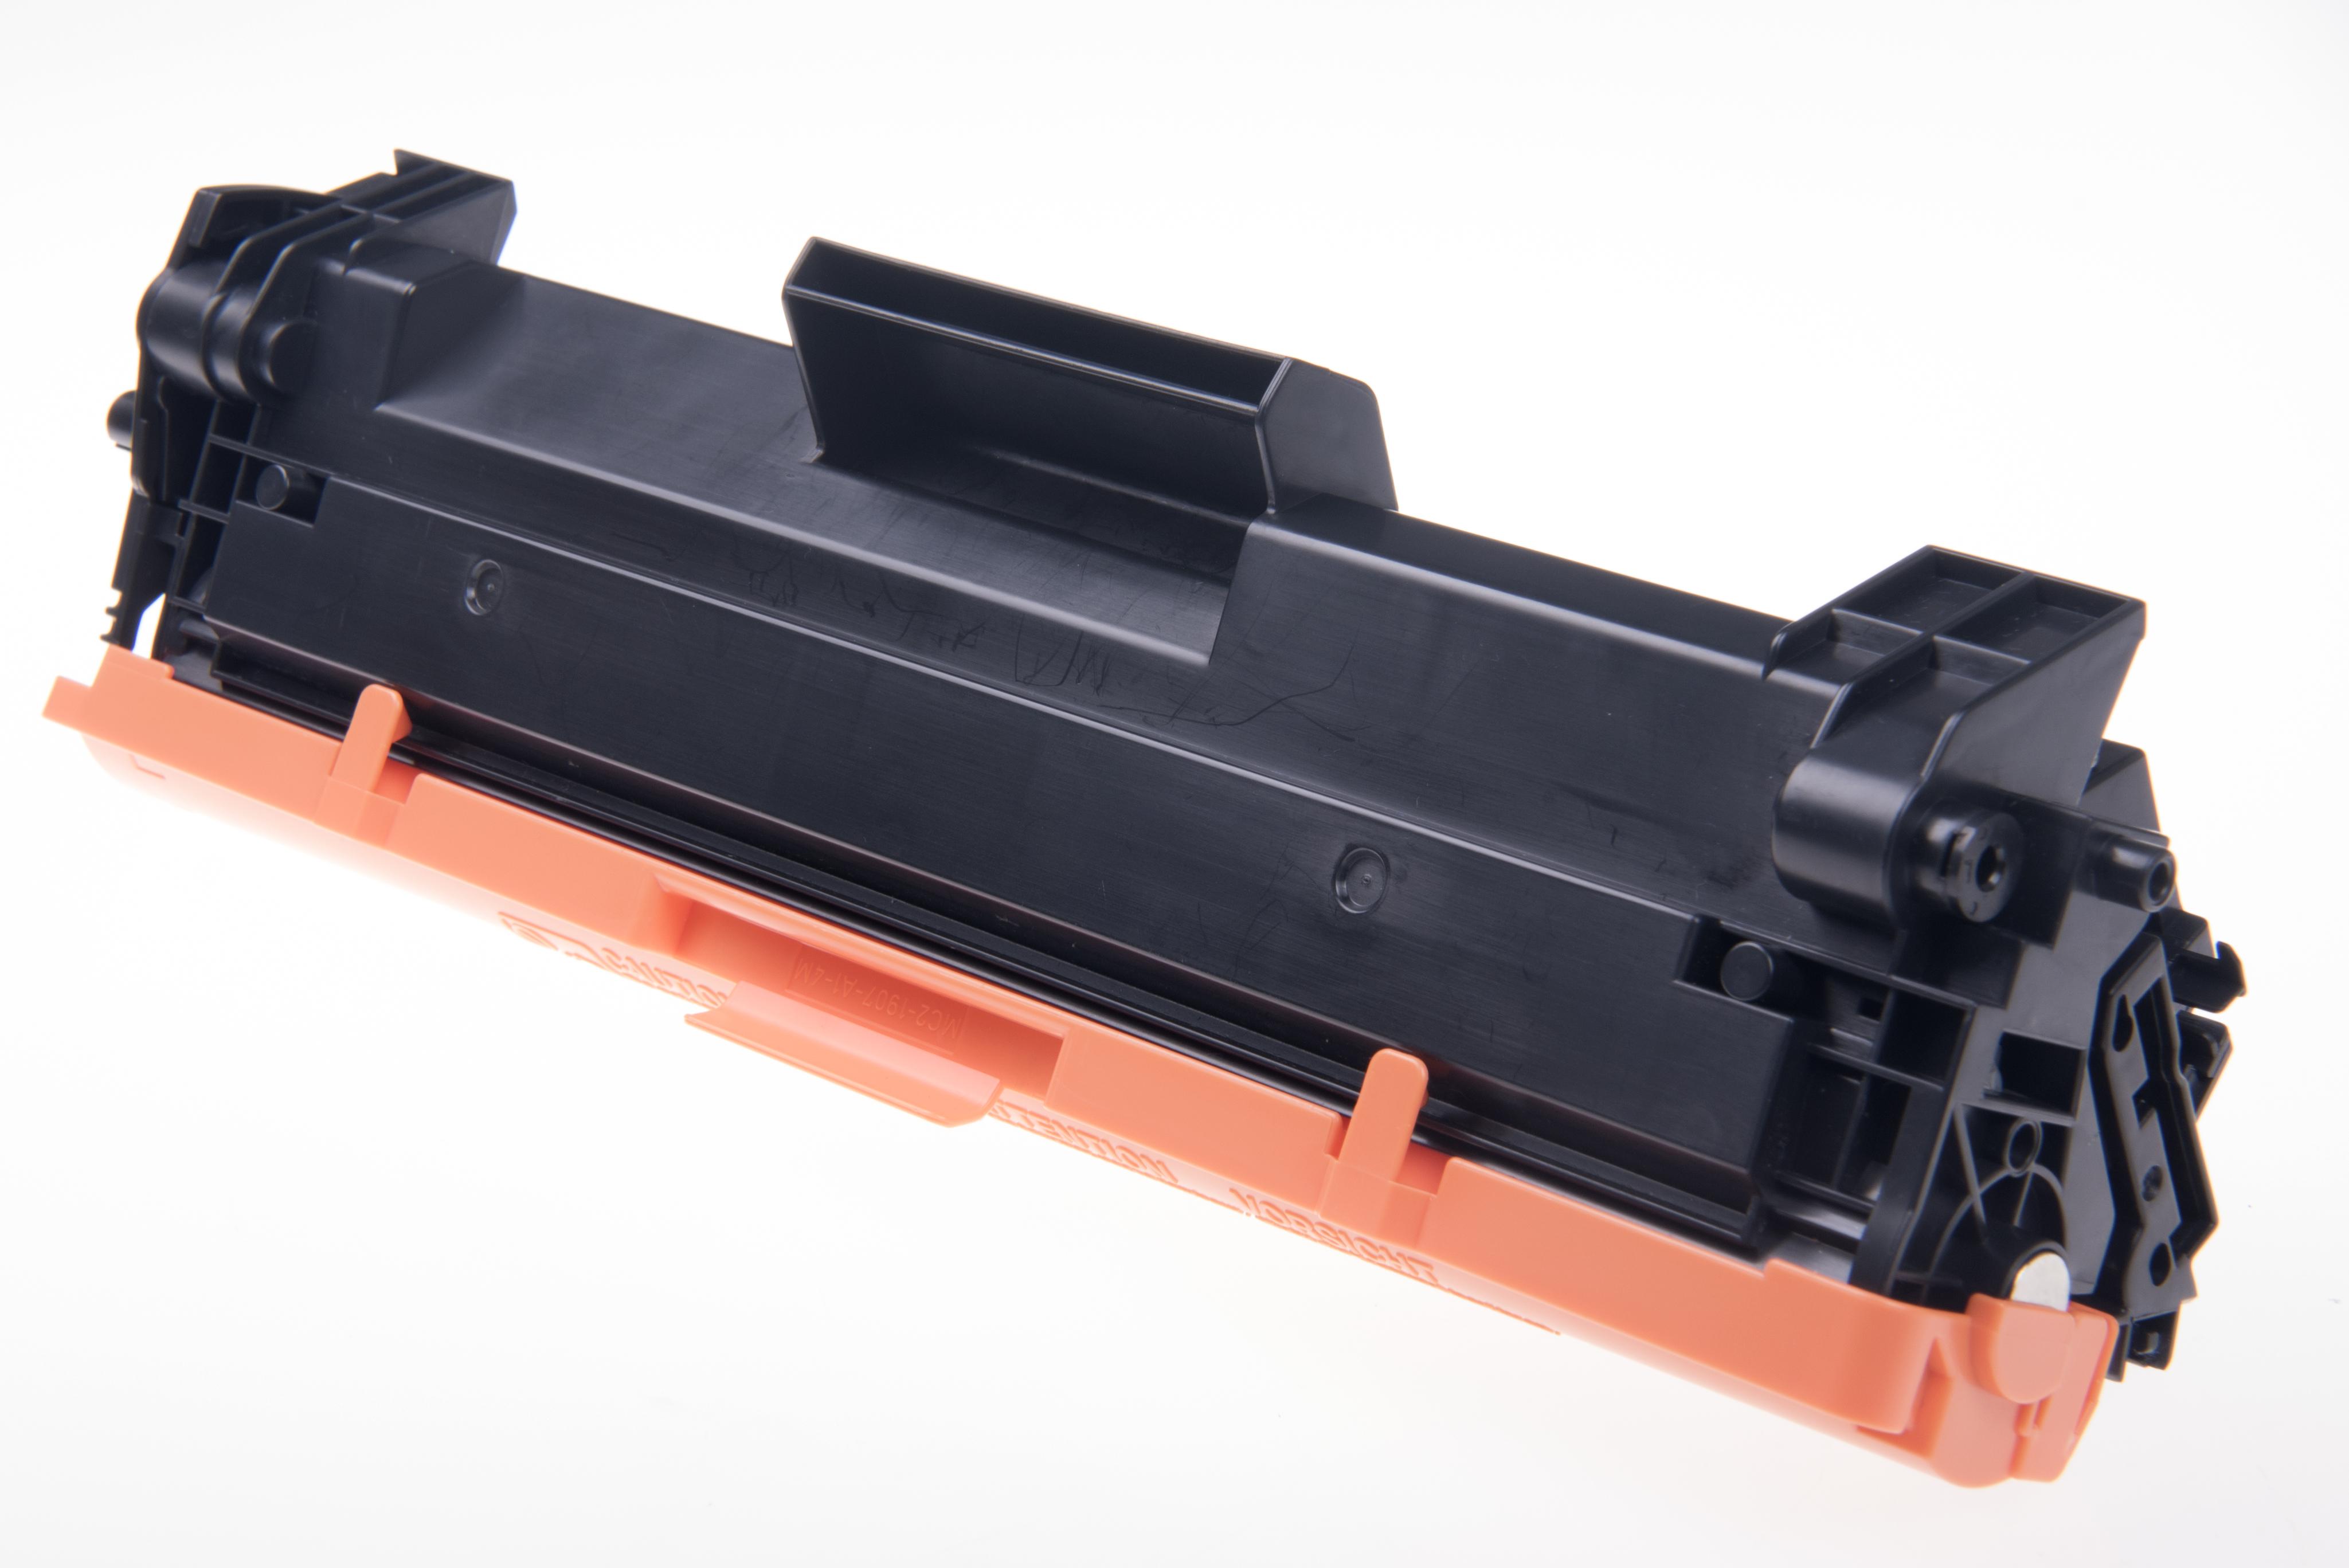 Produktbild zum kompatiblen CF244A Toner von G&G